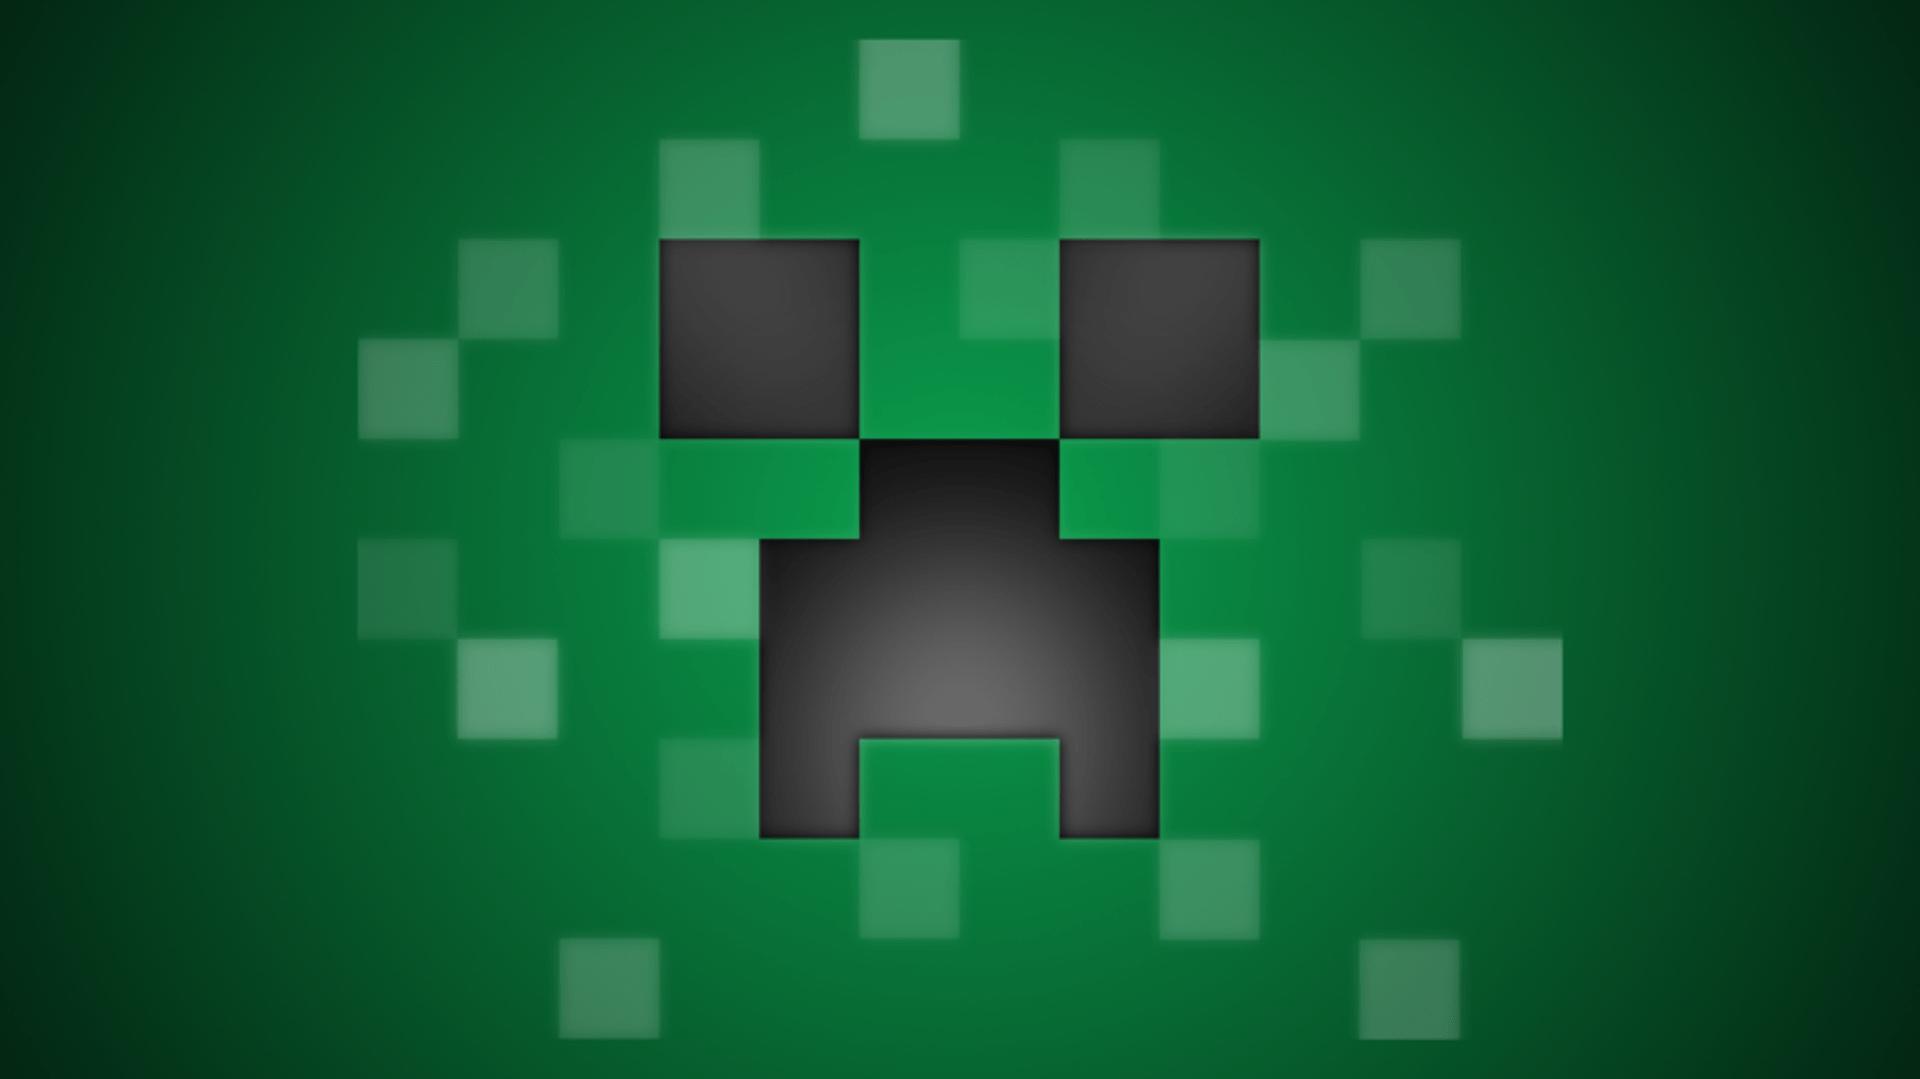 Pusheen Fall Wallpaper Minecraft Creeper Iphone Backgrounds Hd Pixelstalk Net